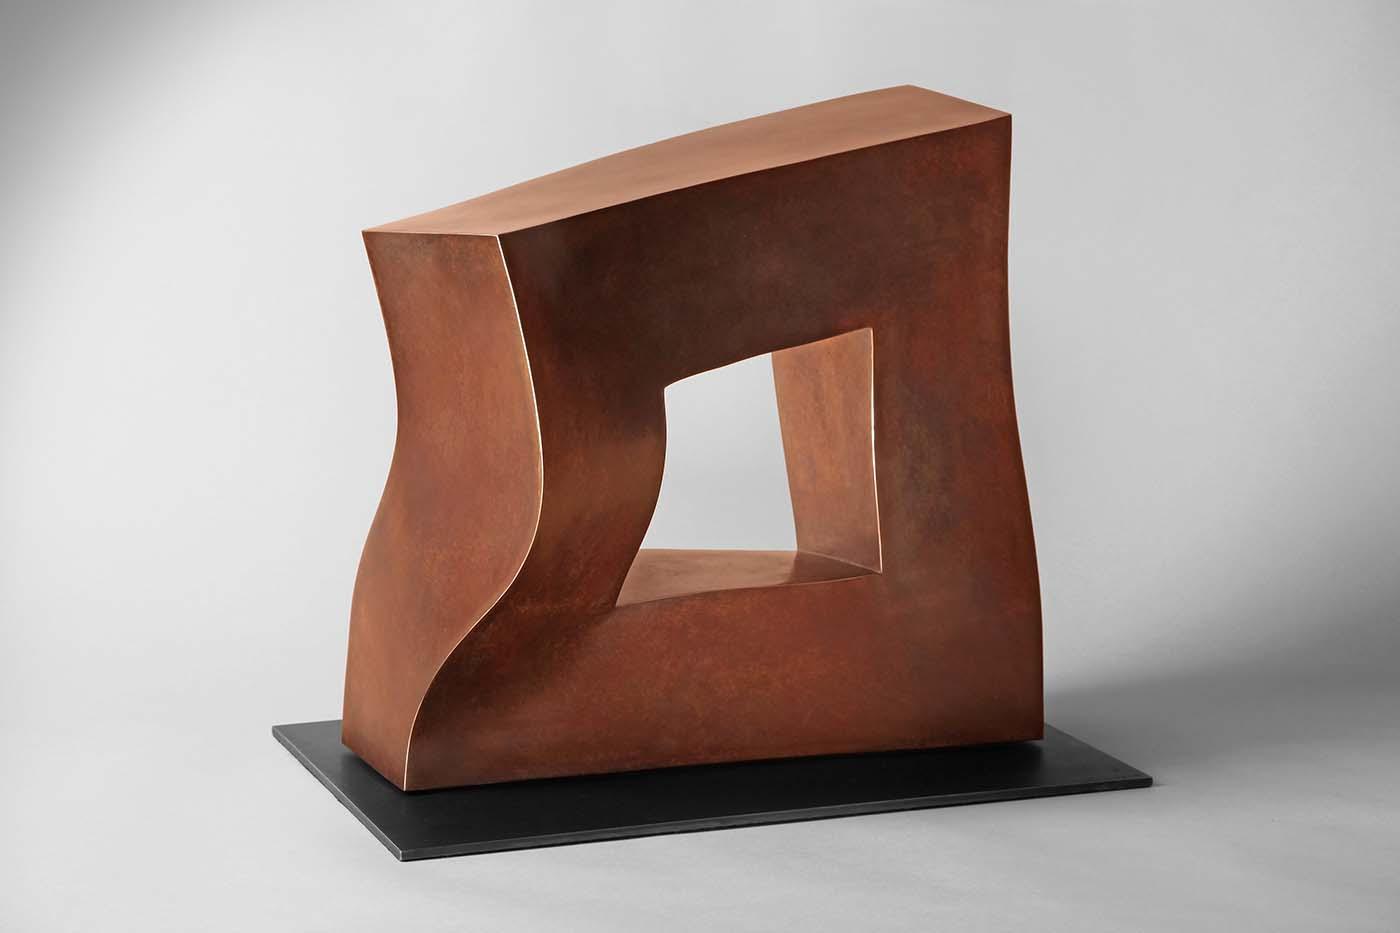 Durchblick (I), 2015, 38 x 40 x 20 cm